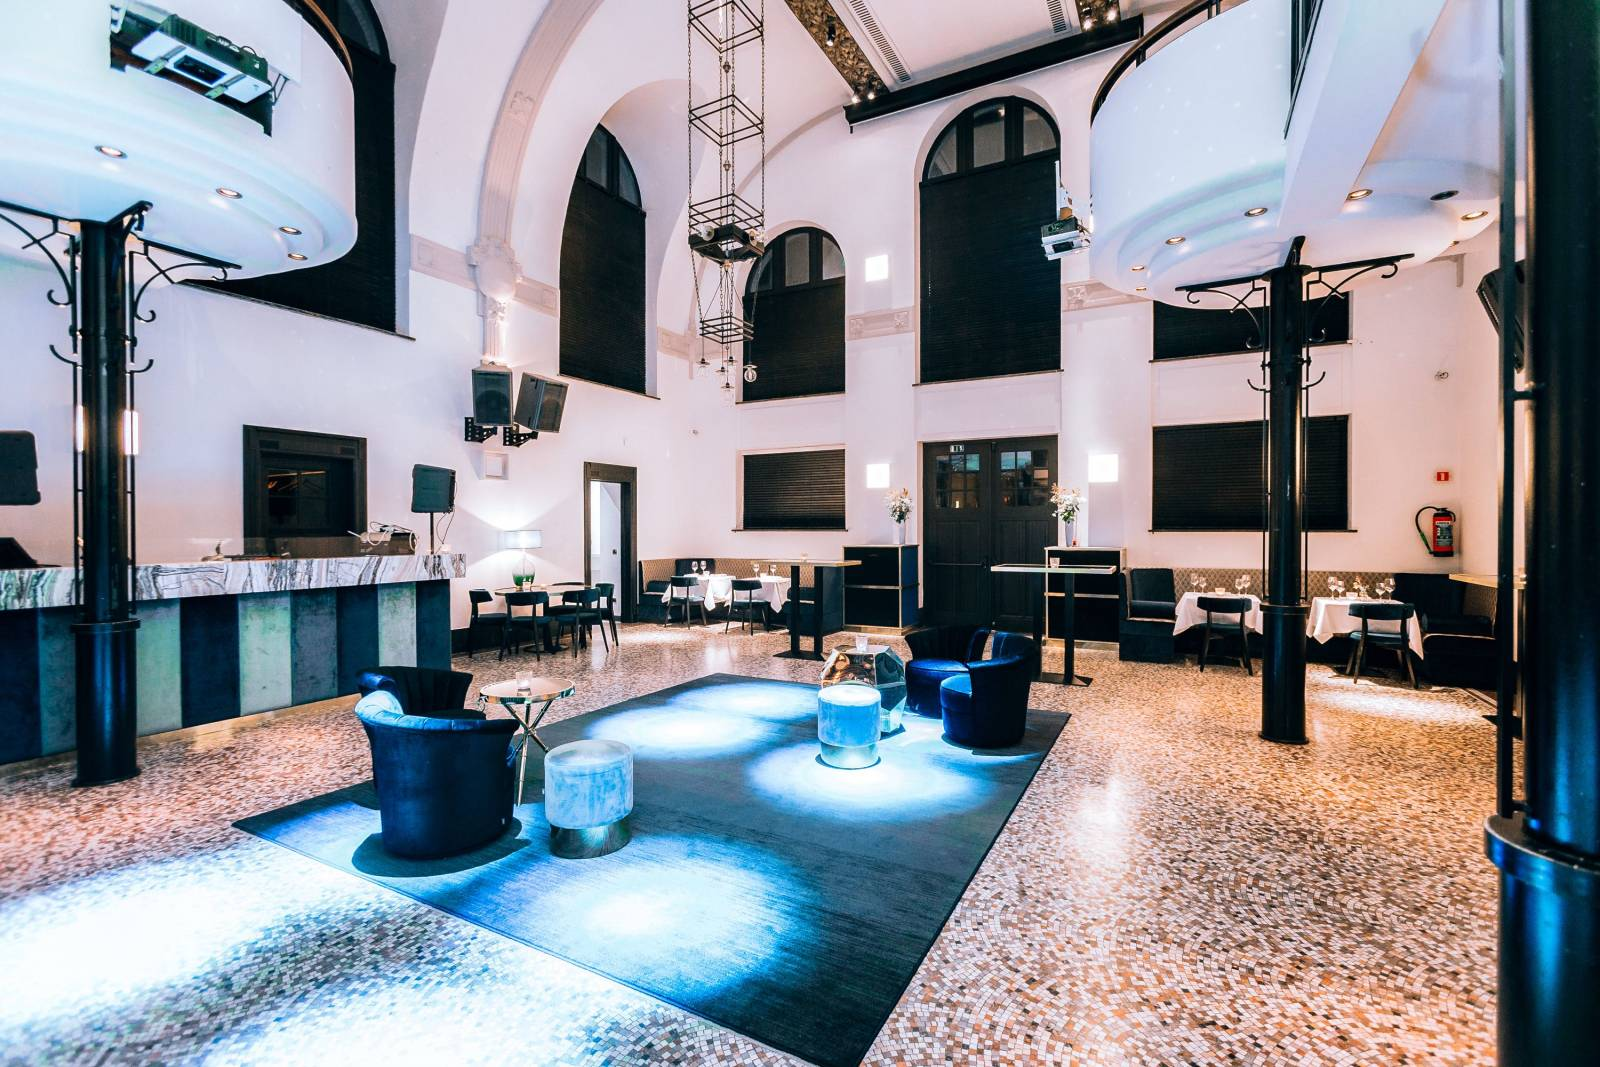 La Riva - Feestzaal Antwerpen - Trouwzaal - House of Weddings - 16